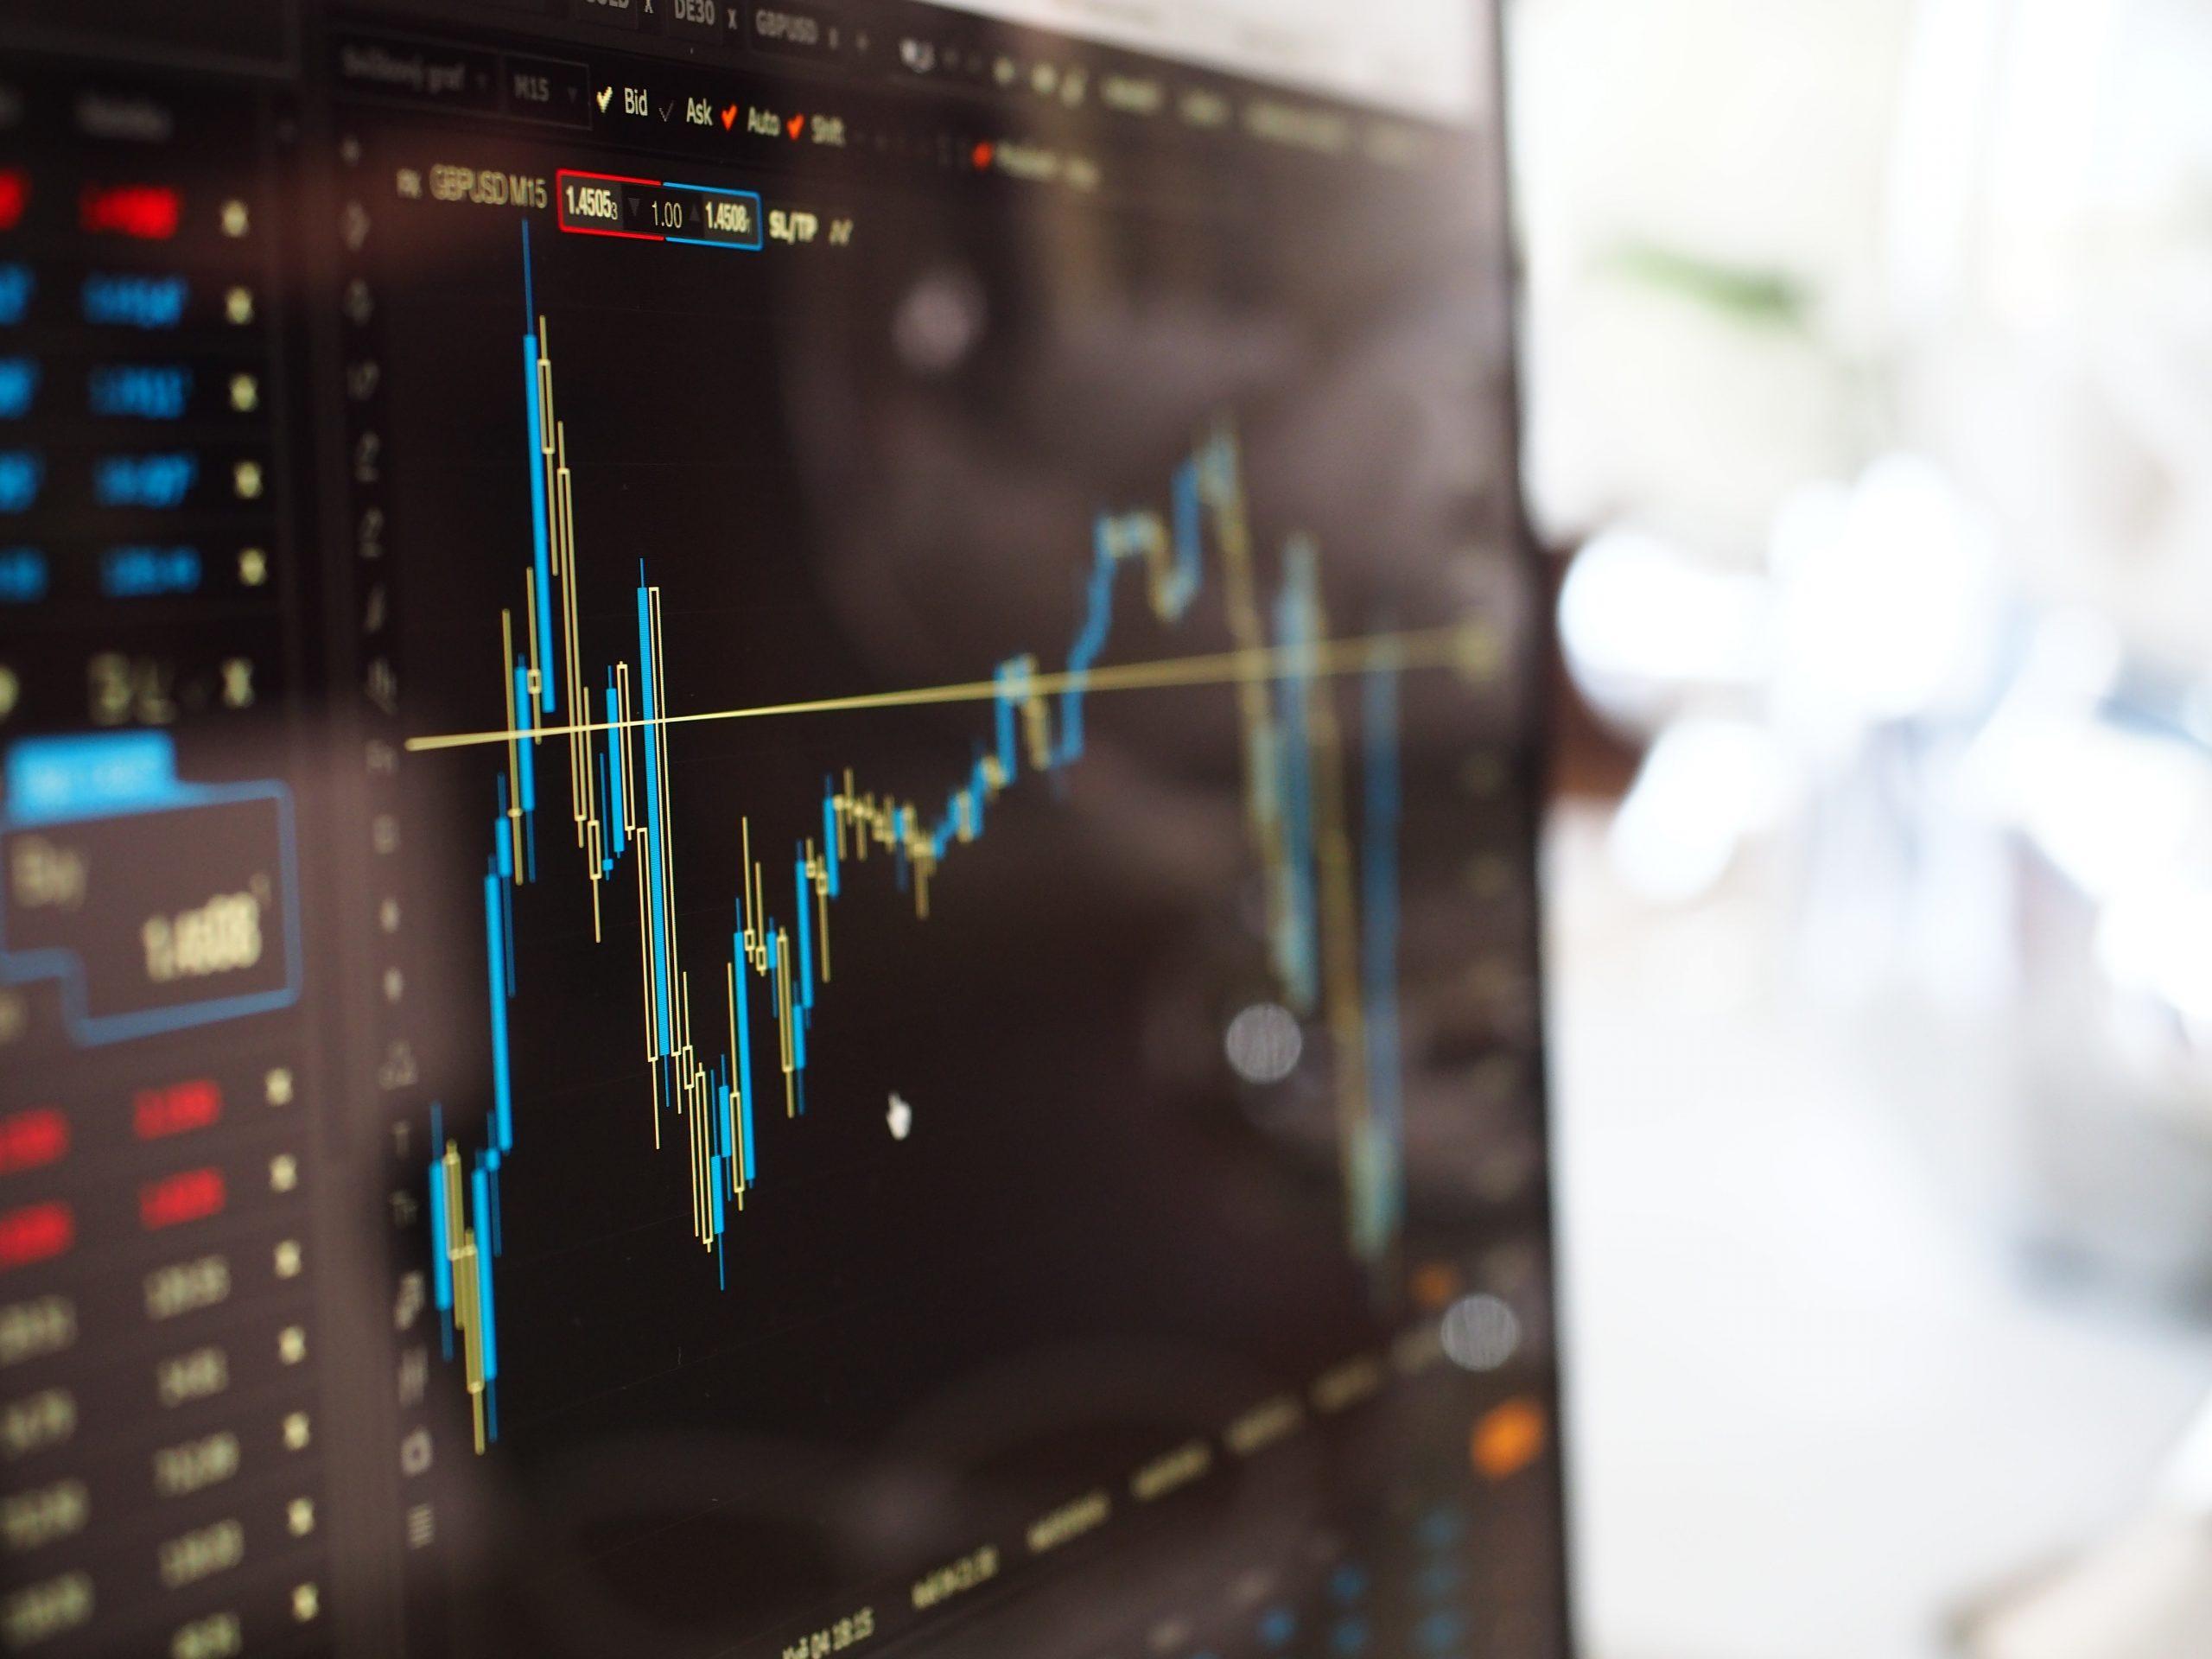 Rozszerzona analiza danych - oszczędność i wzrost bezpieczeństwa?